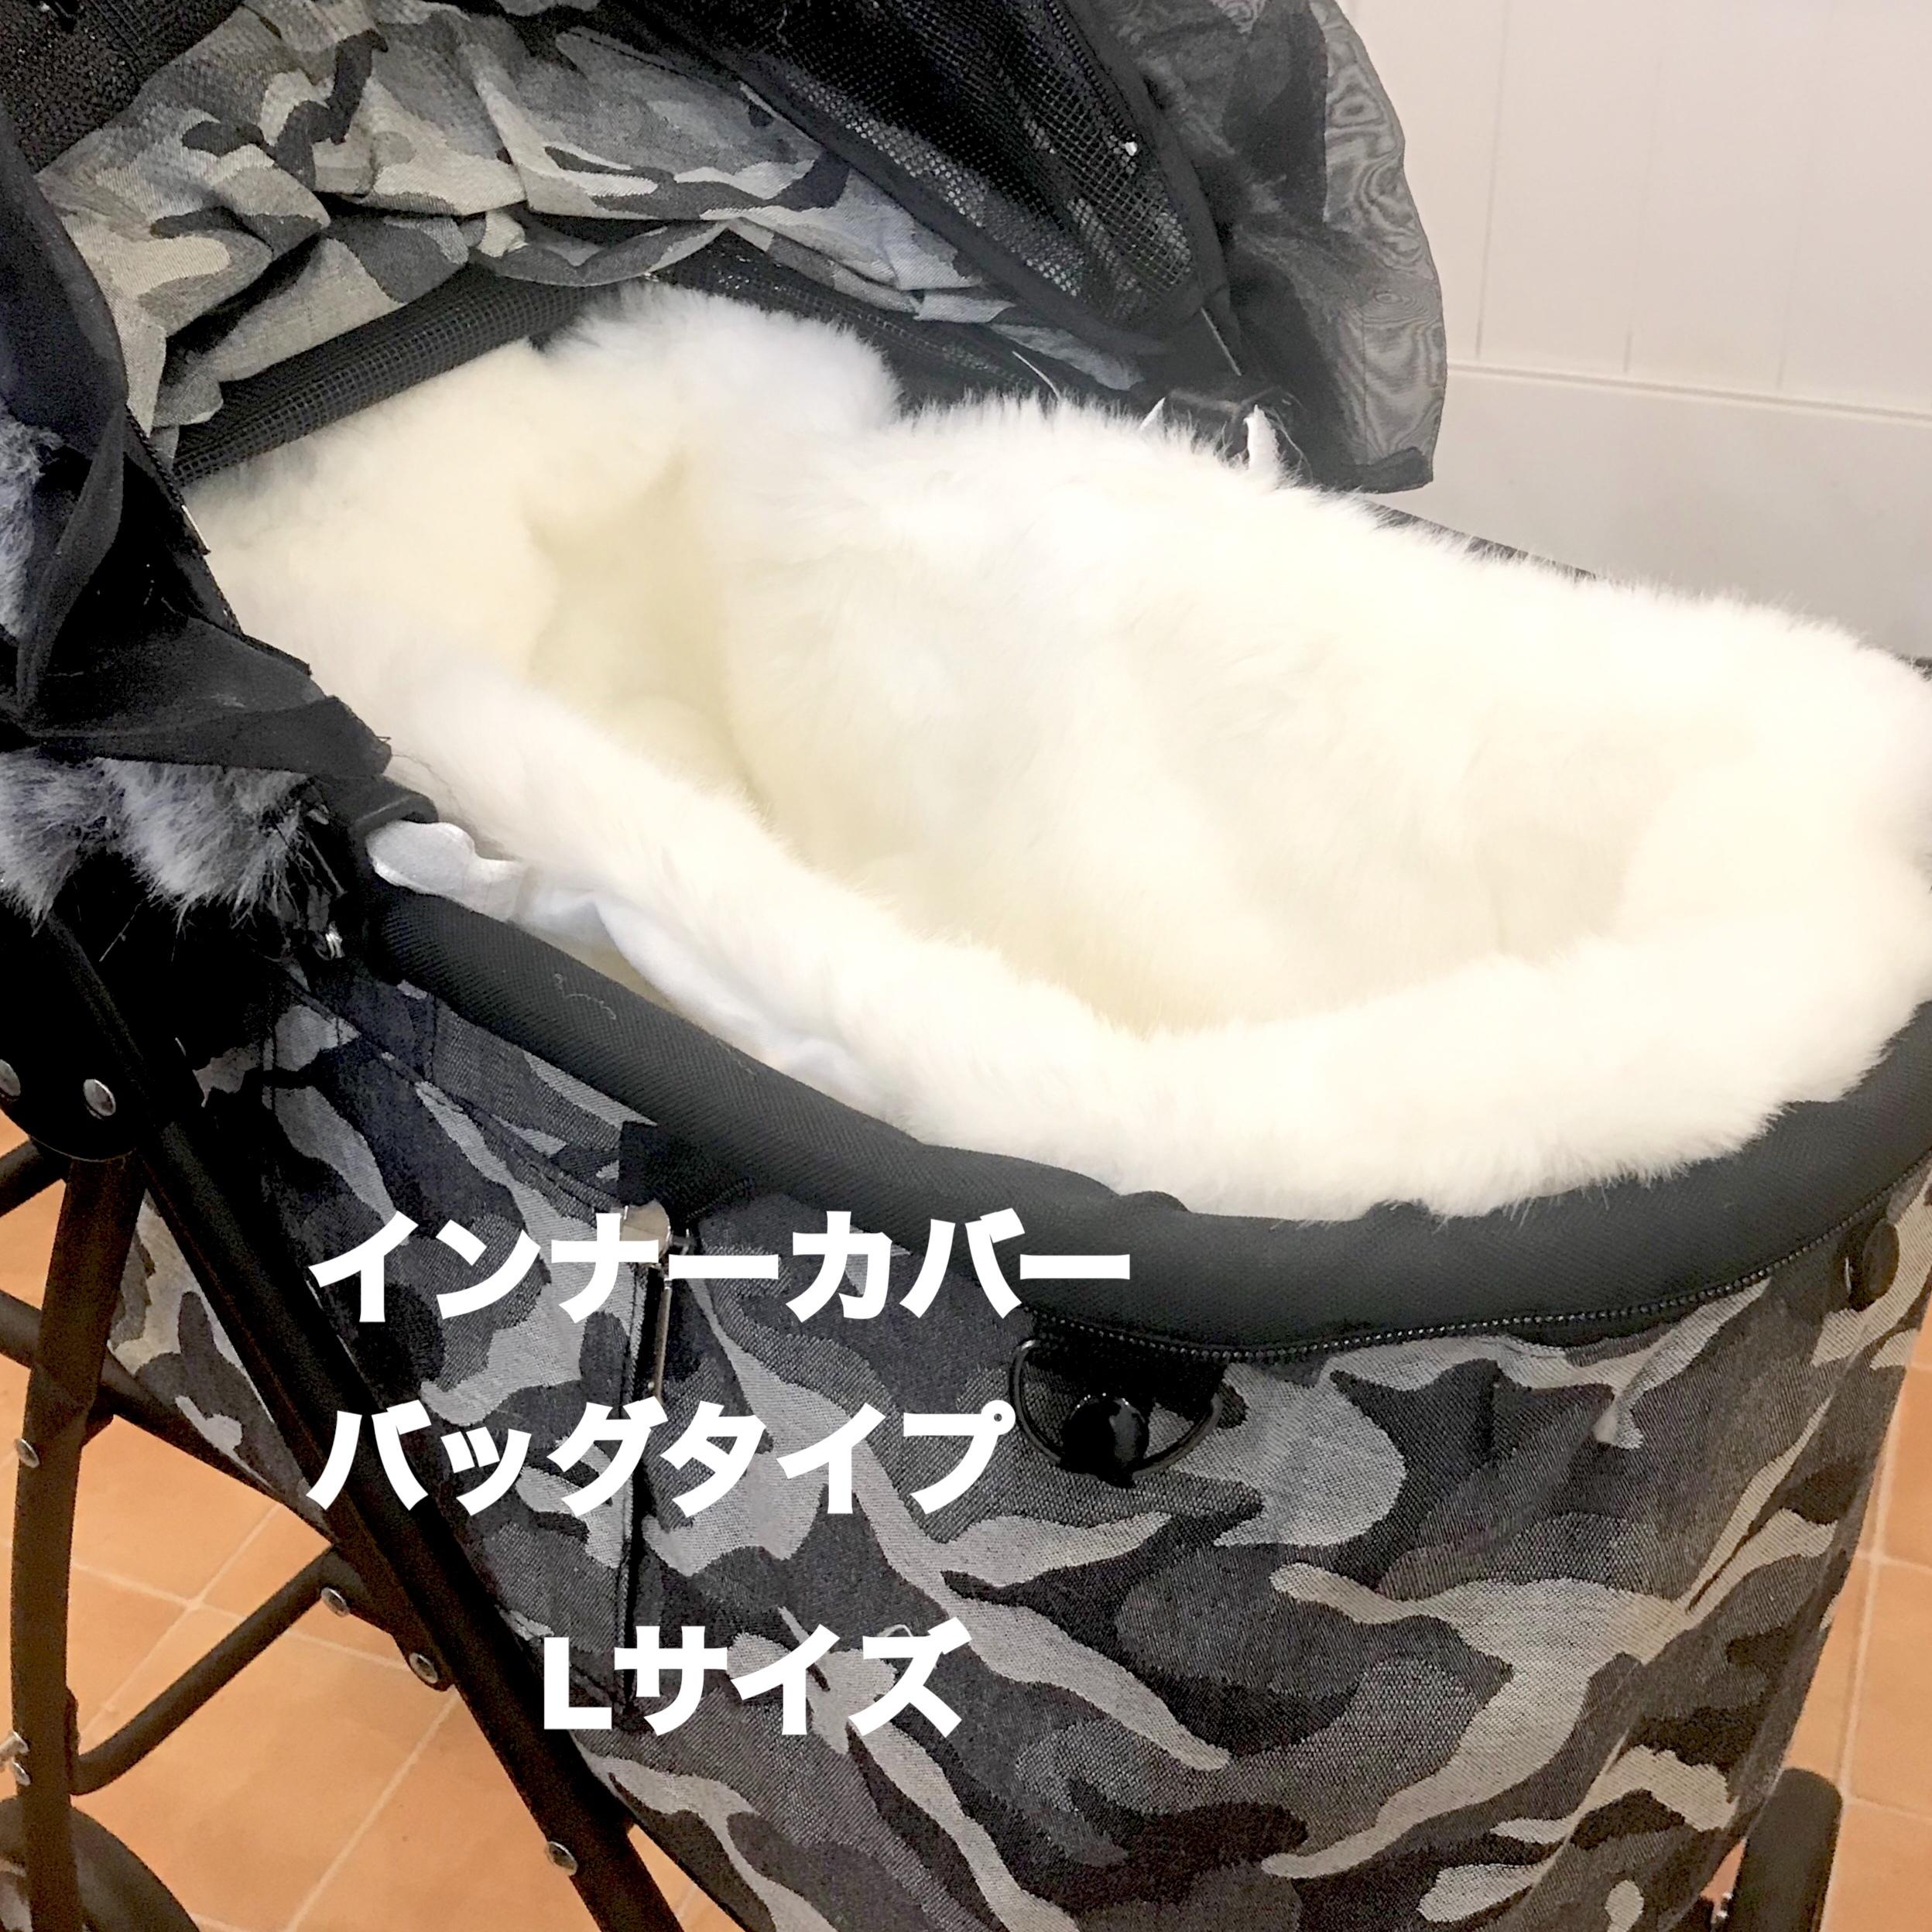 《ゴージャスファーのインナーカバー&マットセット》インナーバッグタイプ  ファー  L①サイズ